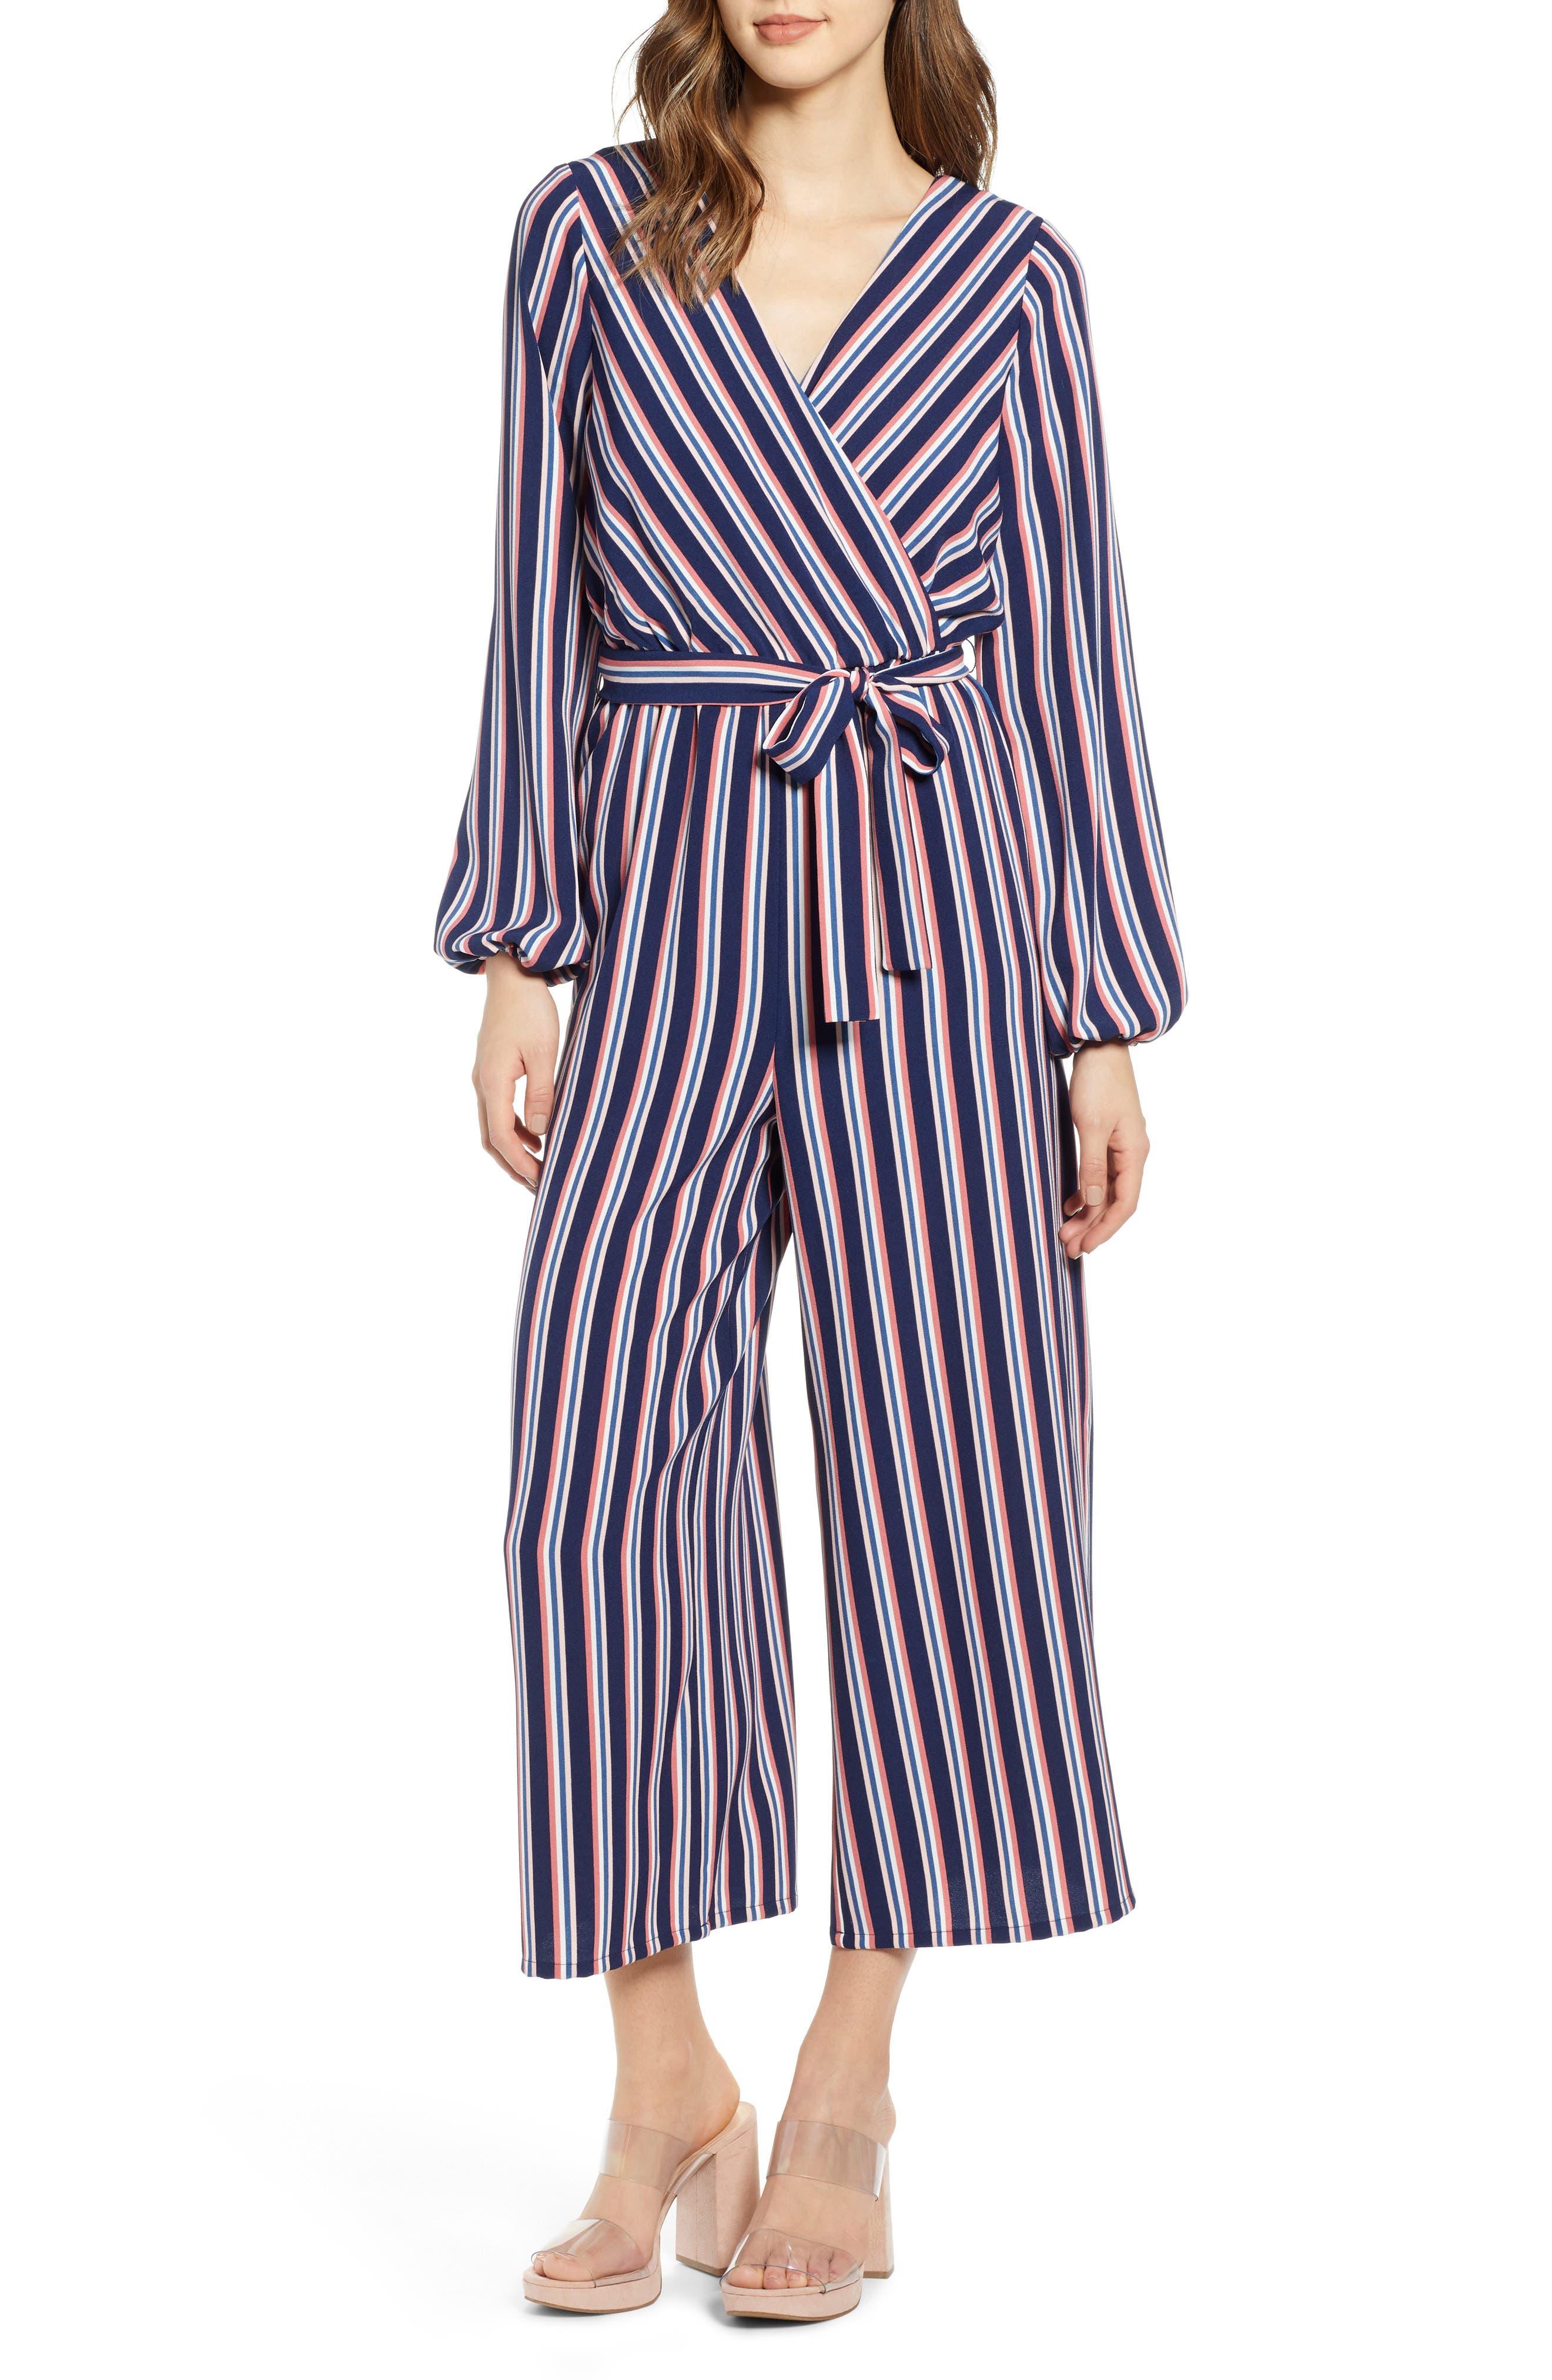 LEITH, Stripe Surplice Jumpsuit, Main thumbnail 1, color, NAVY PEACOAT FEM STRIPE